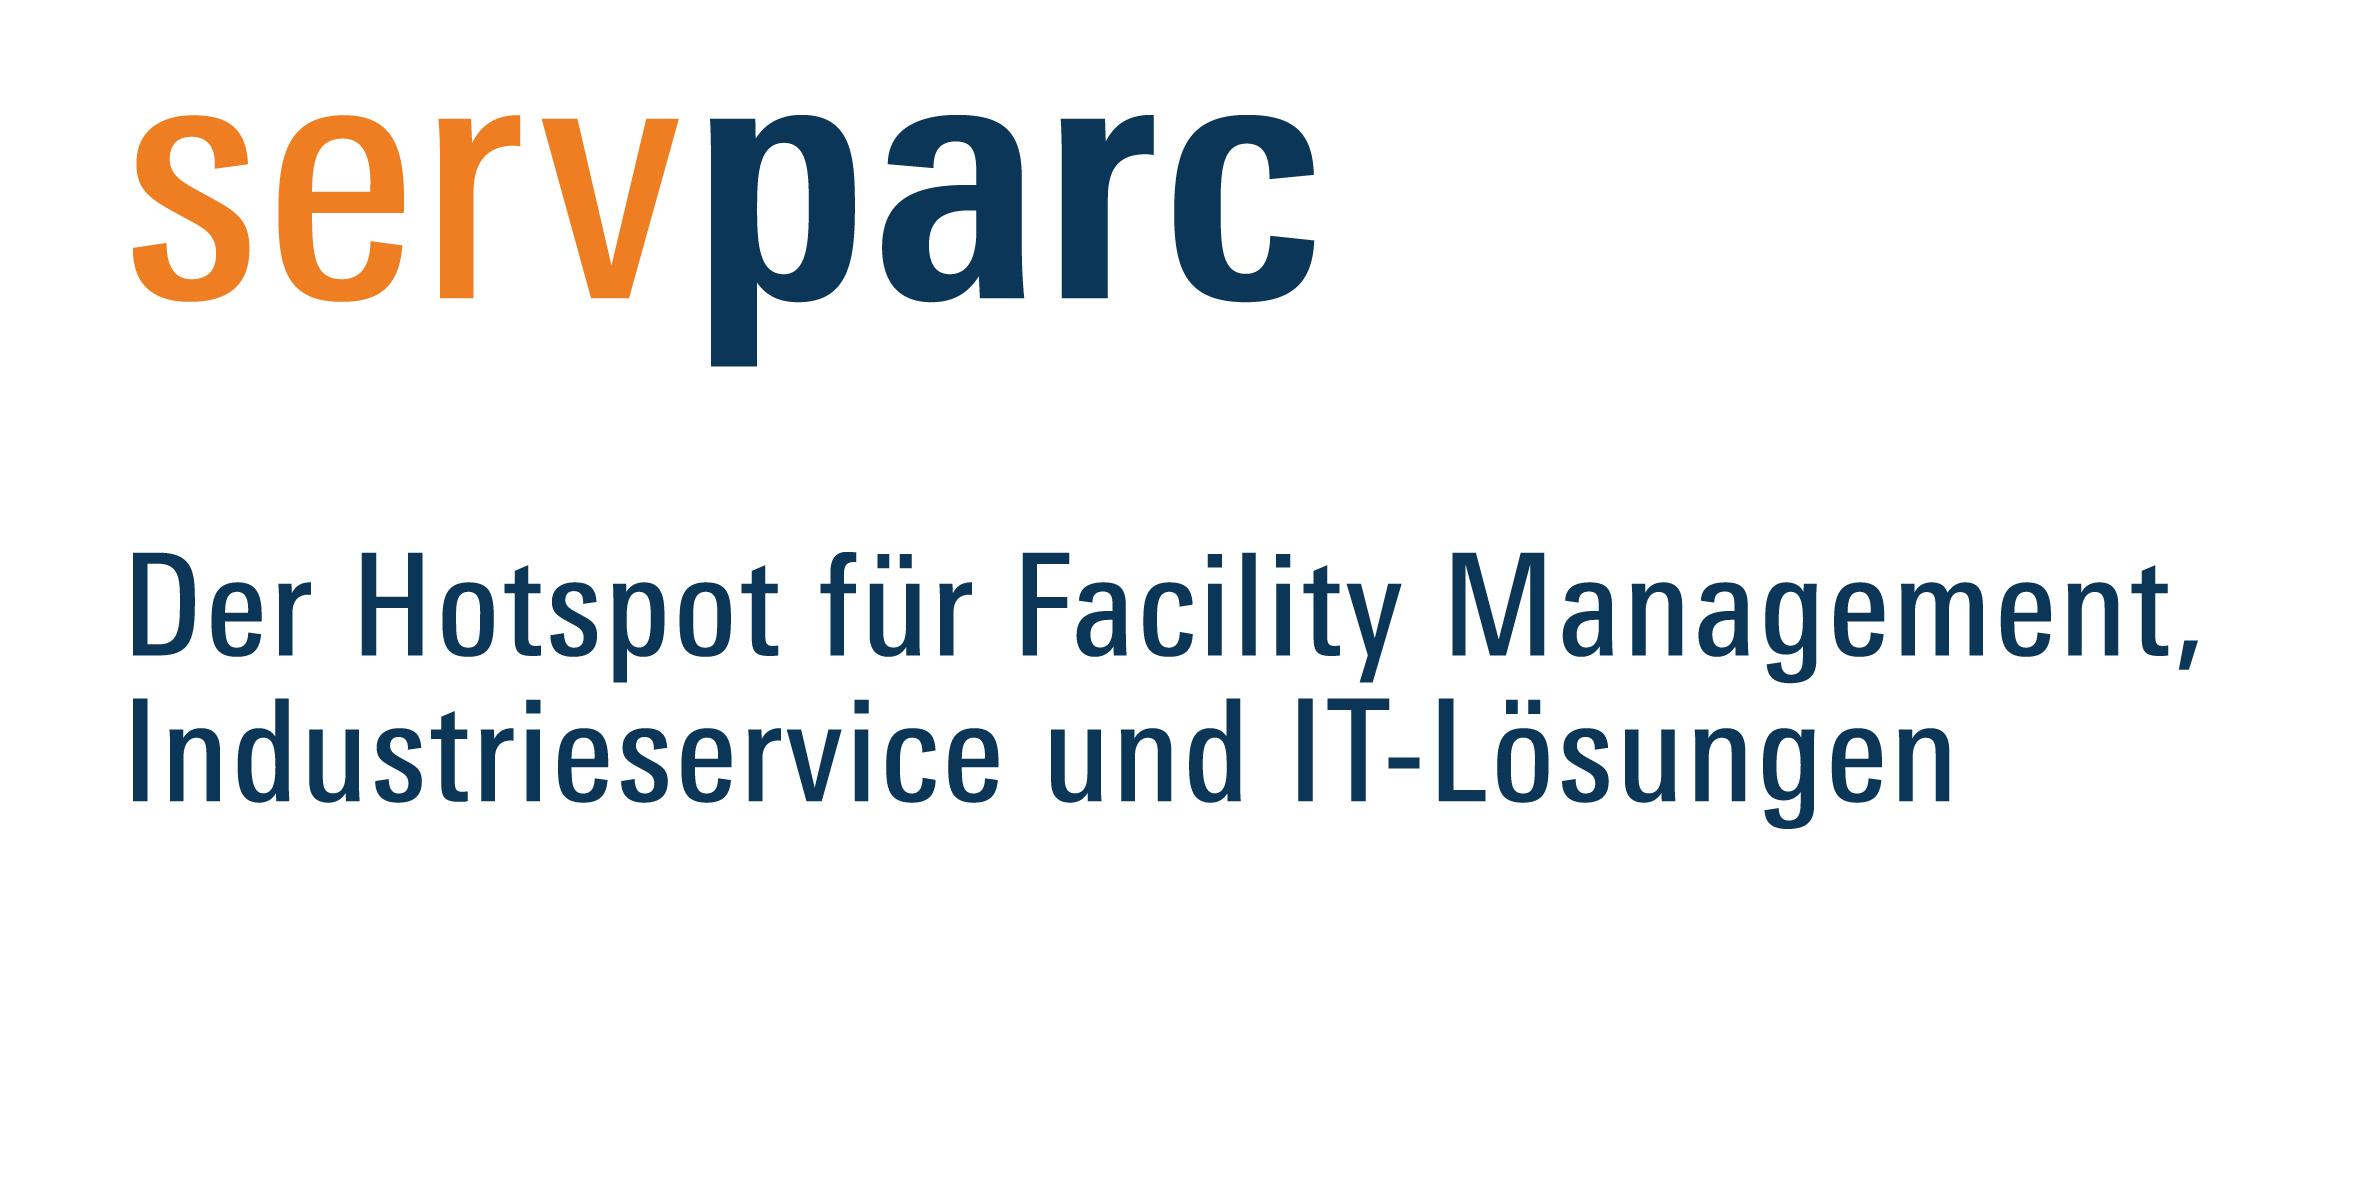 servparc subline DE RGB - Servparc - Hotspot für Facilitymanagement und Industrieservice